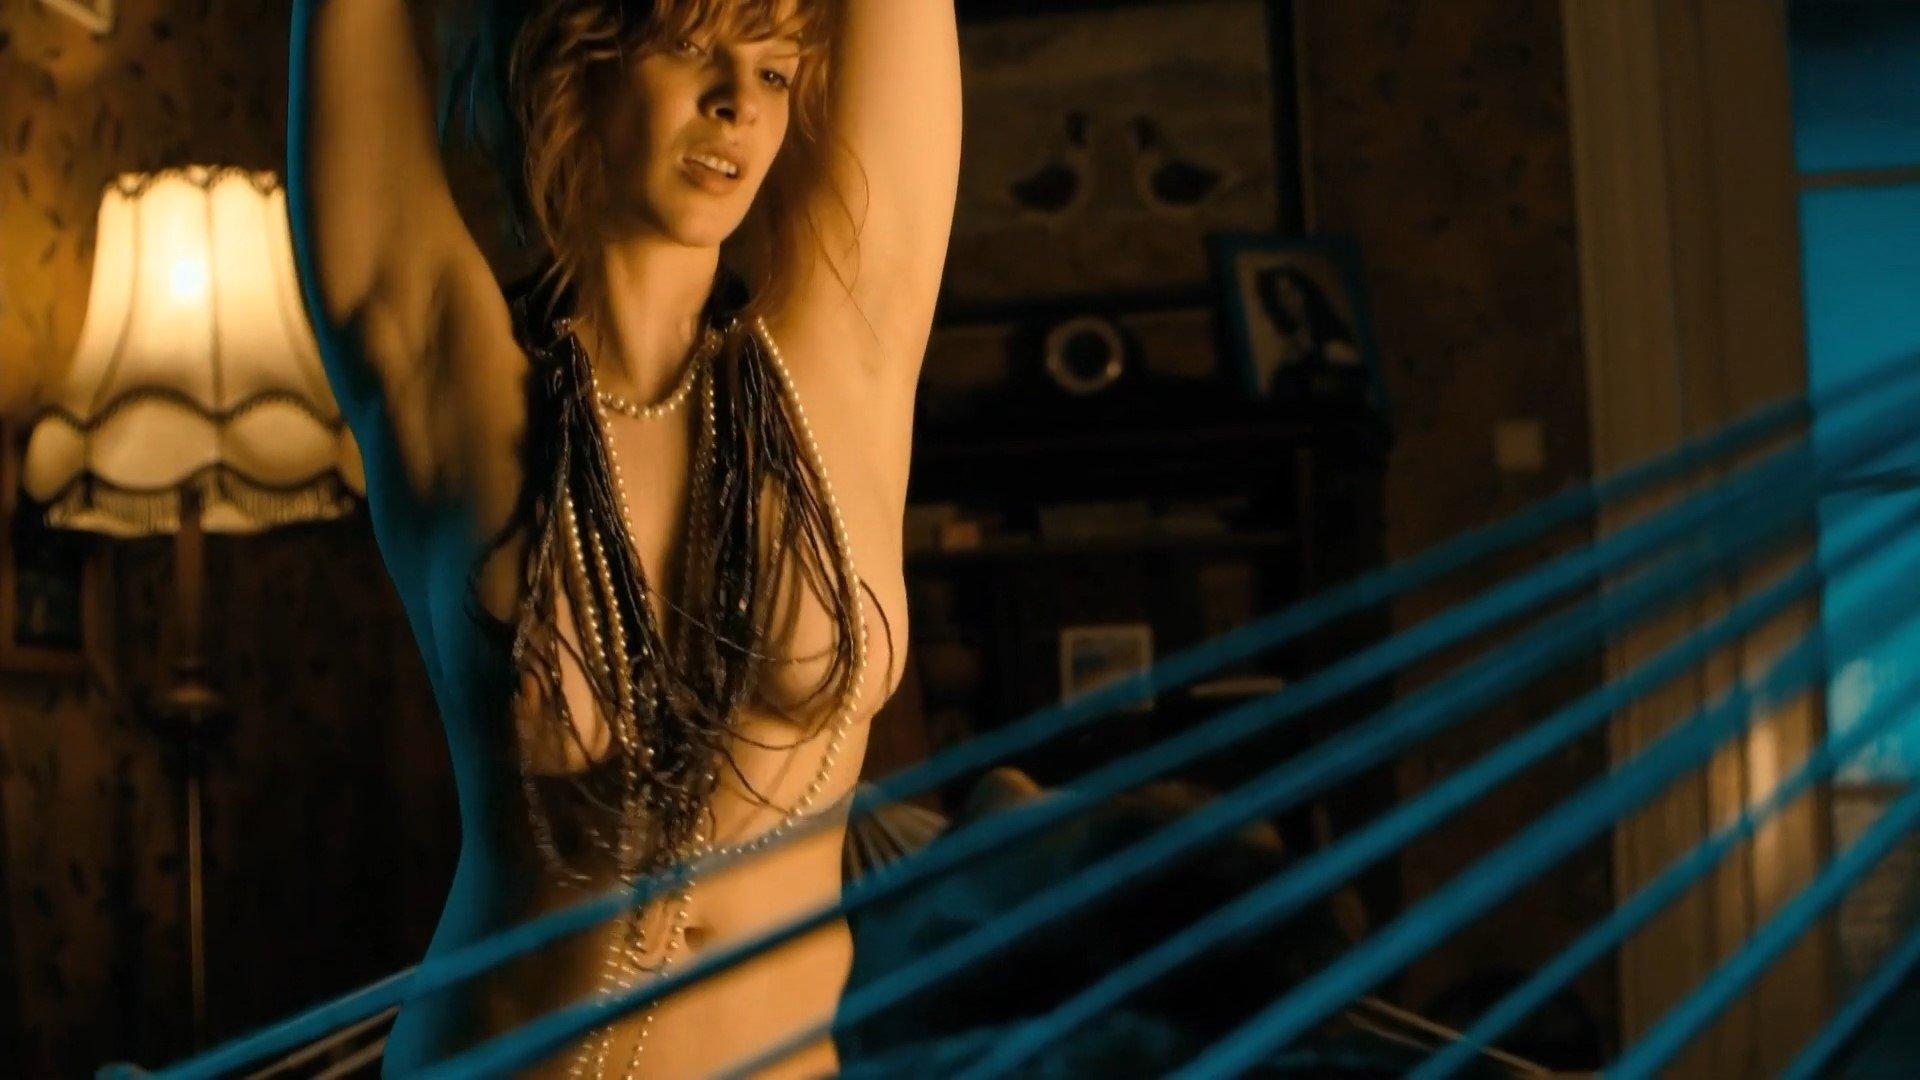 Vica kerekes naked in the shower big boobs voyeur pribeh kmotra 9